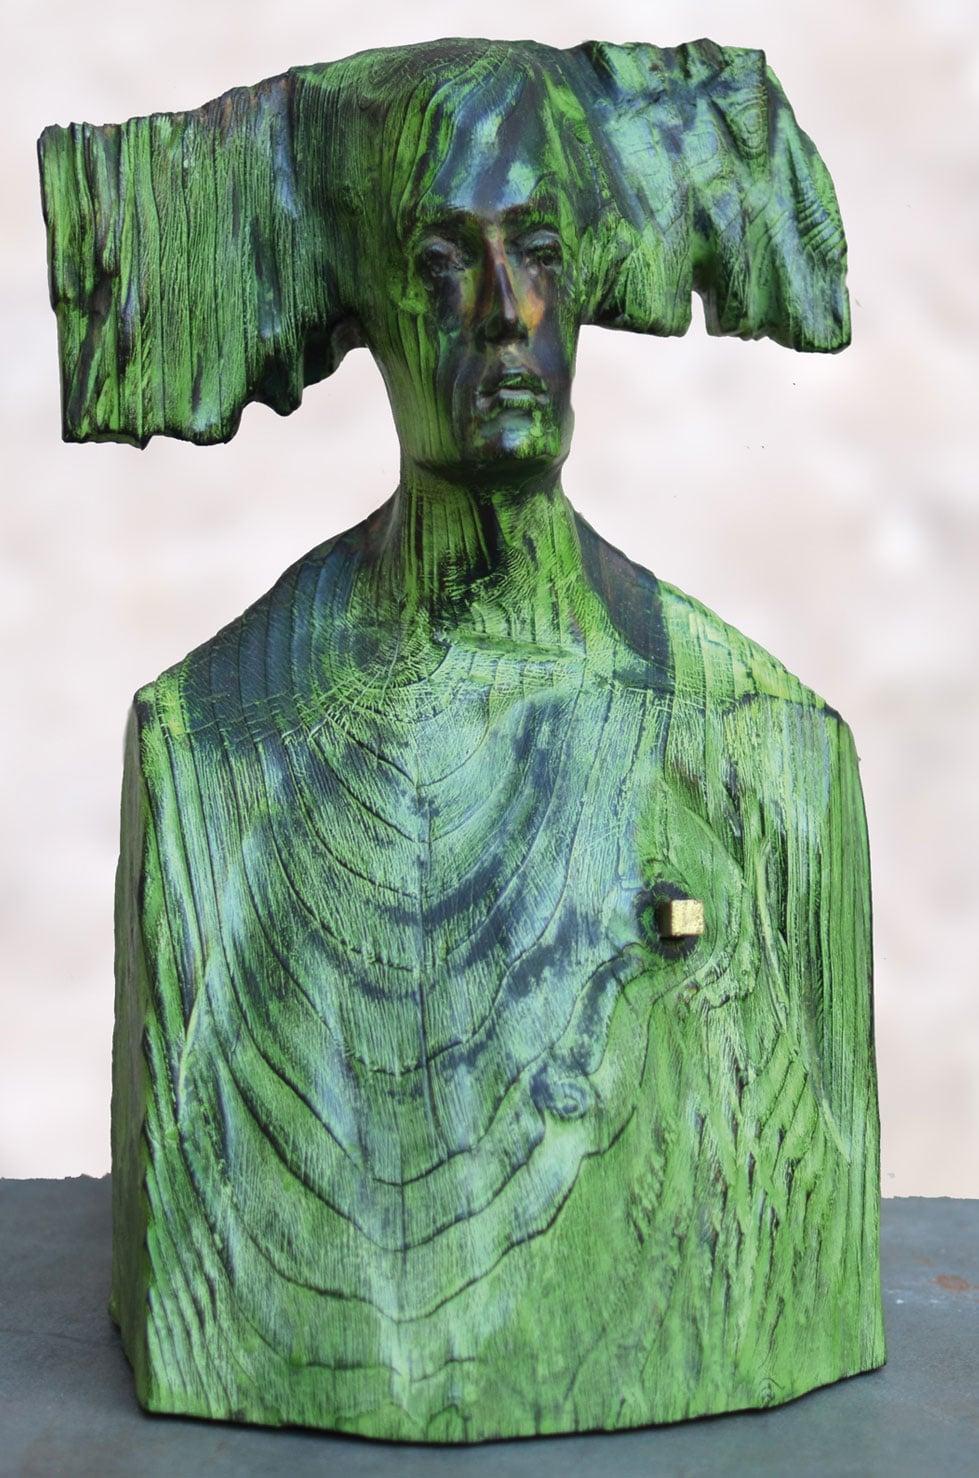 """"""" Nature is calling me """", 38 cm, cèdre, 2014 - Pièce unique"""